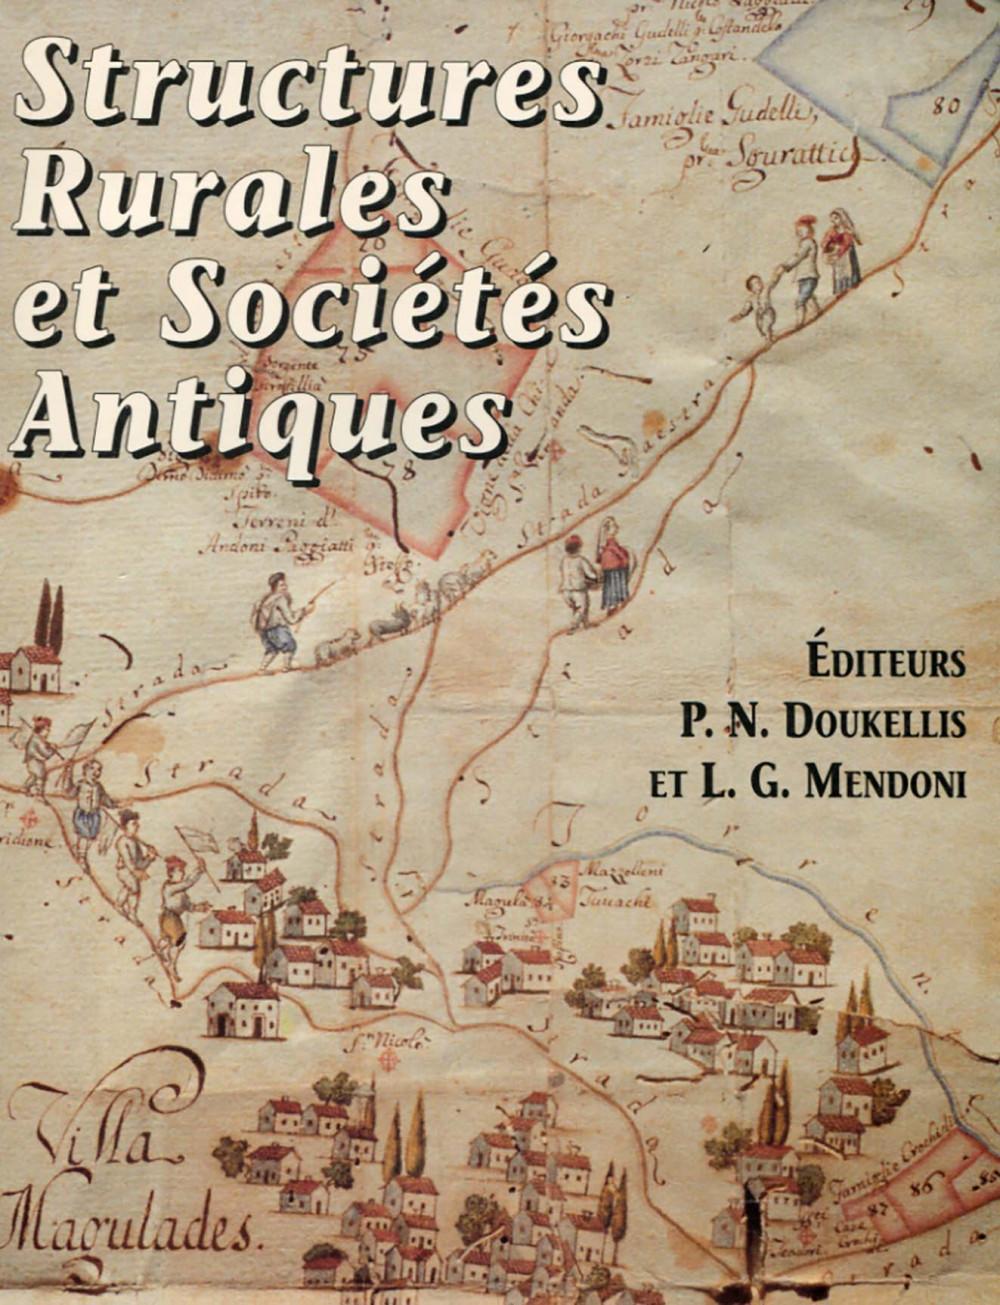 Structures rurales et sociétés antiques